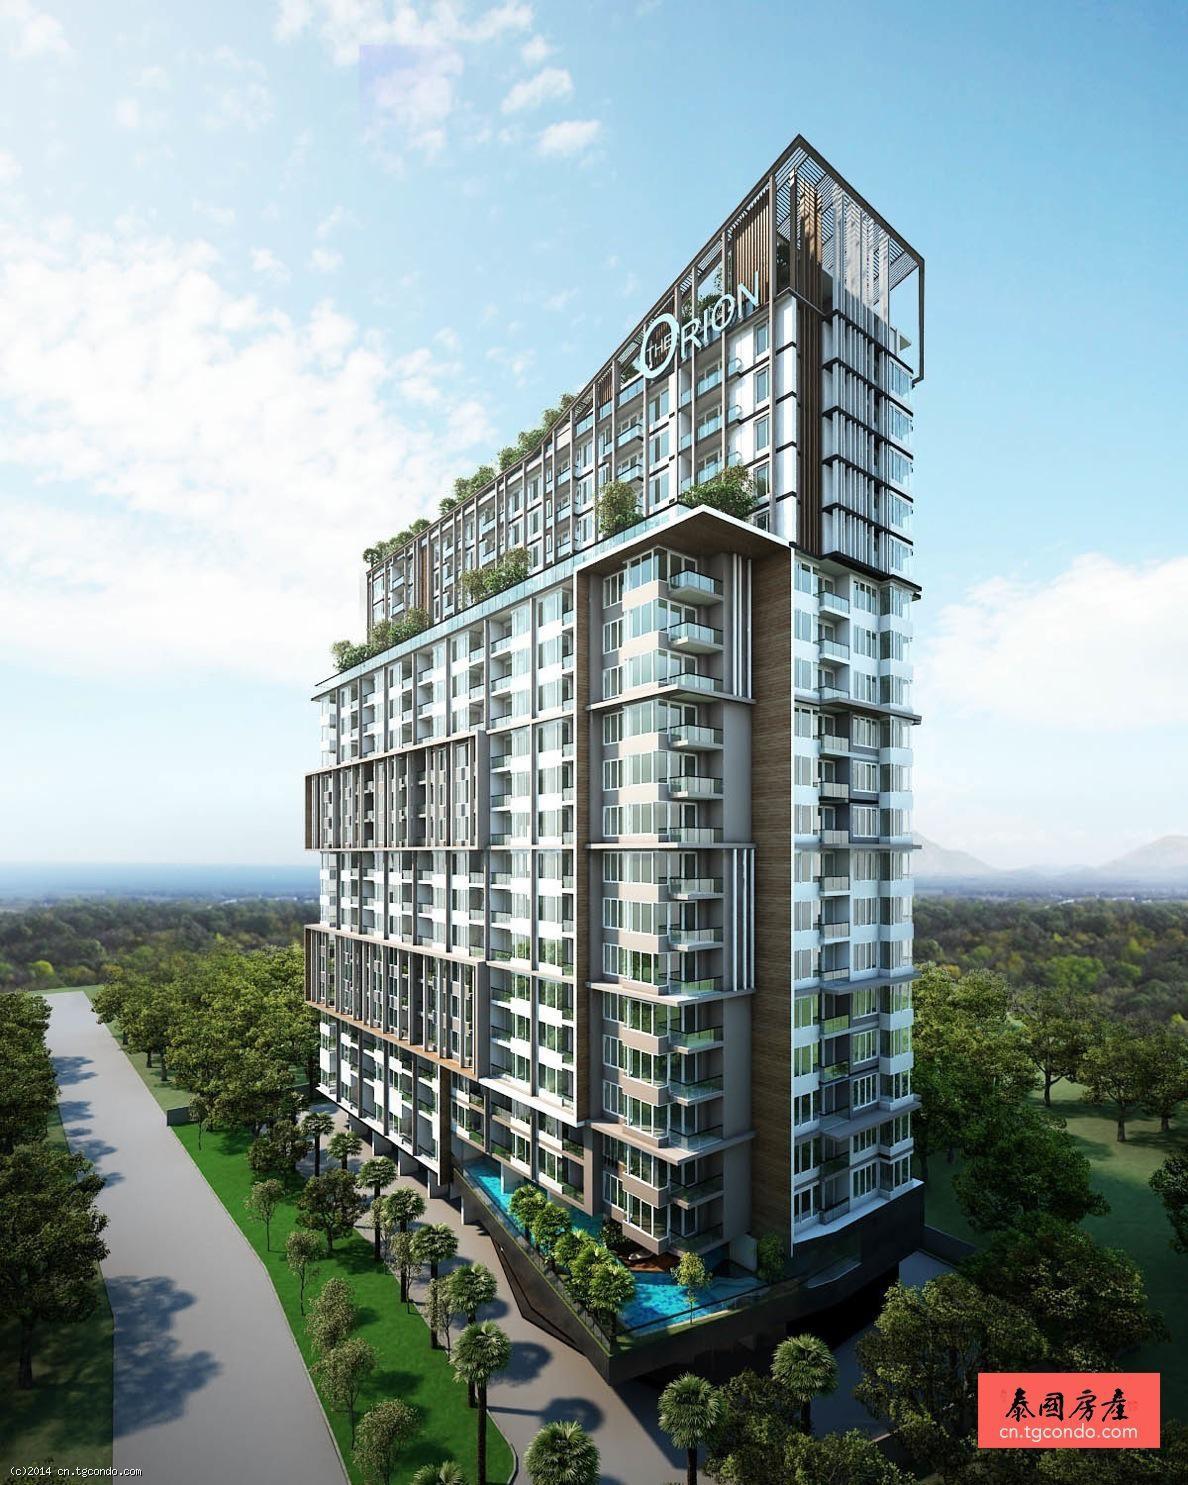 泰国芭提雅猎户座公寓 Orion Condo Pattaya